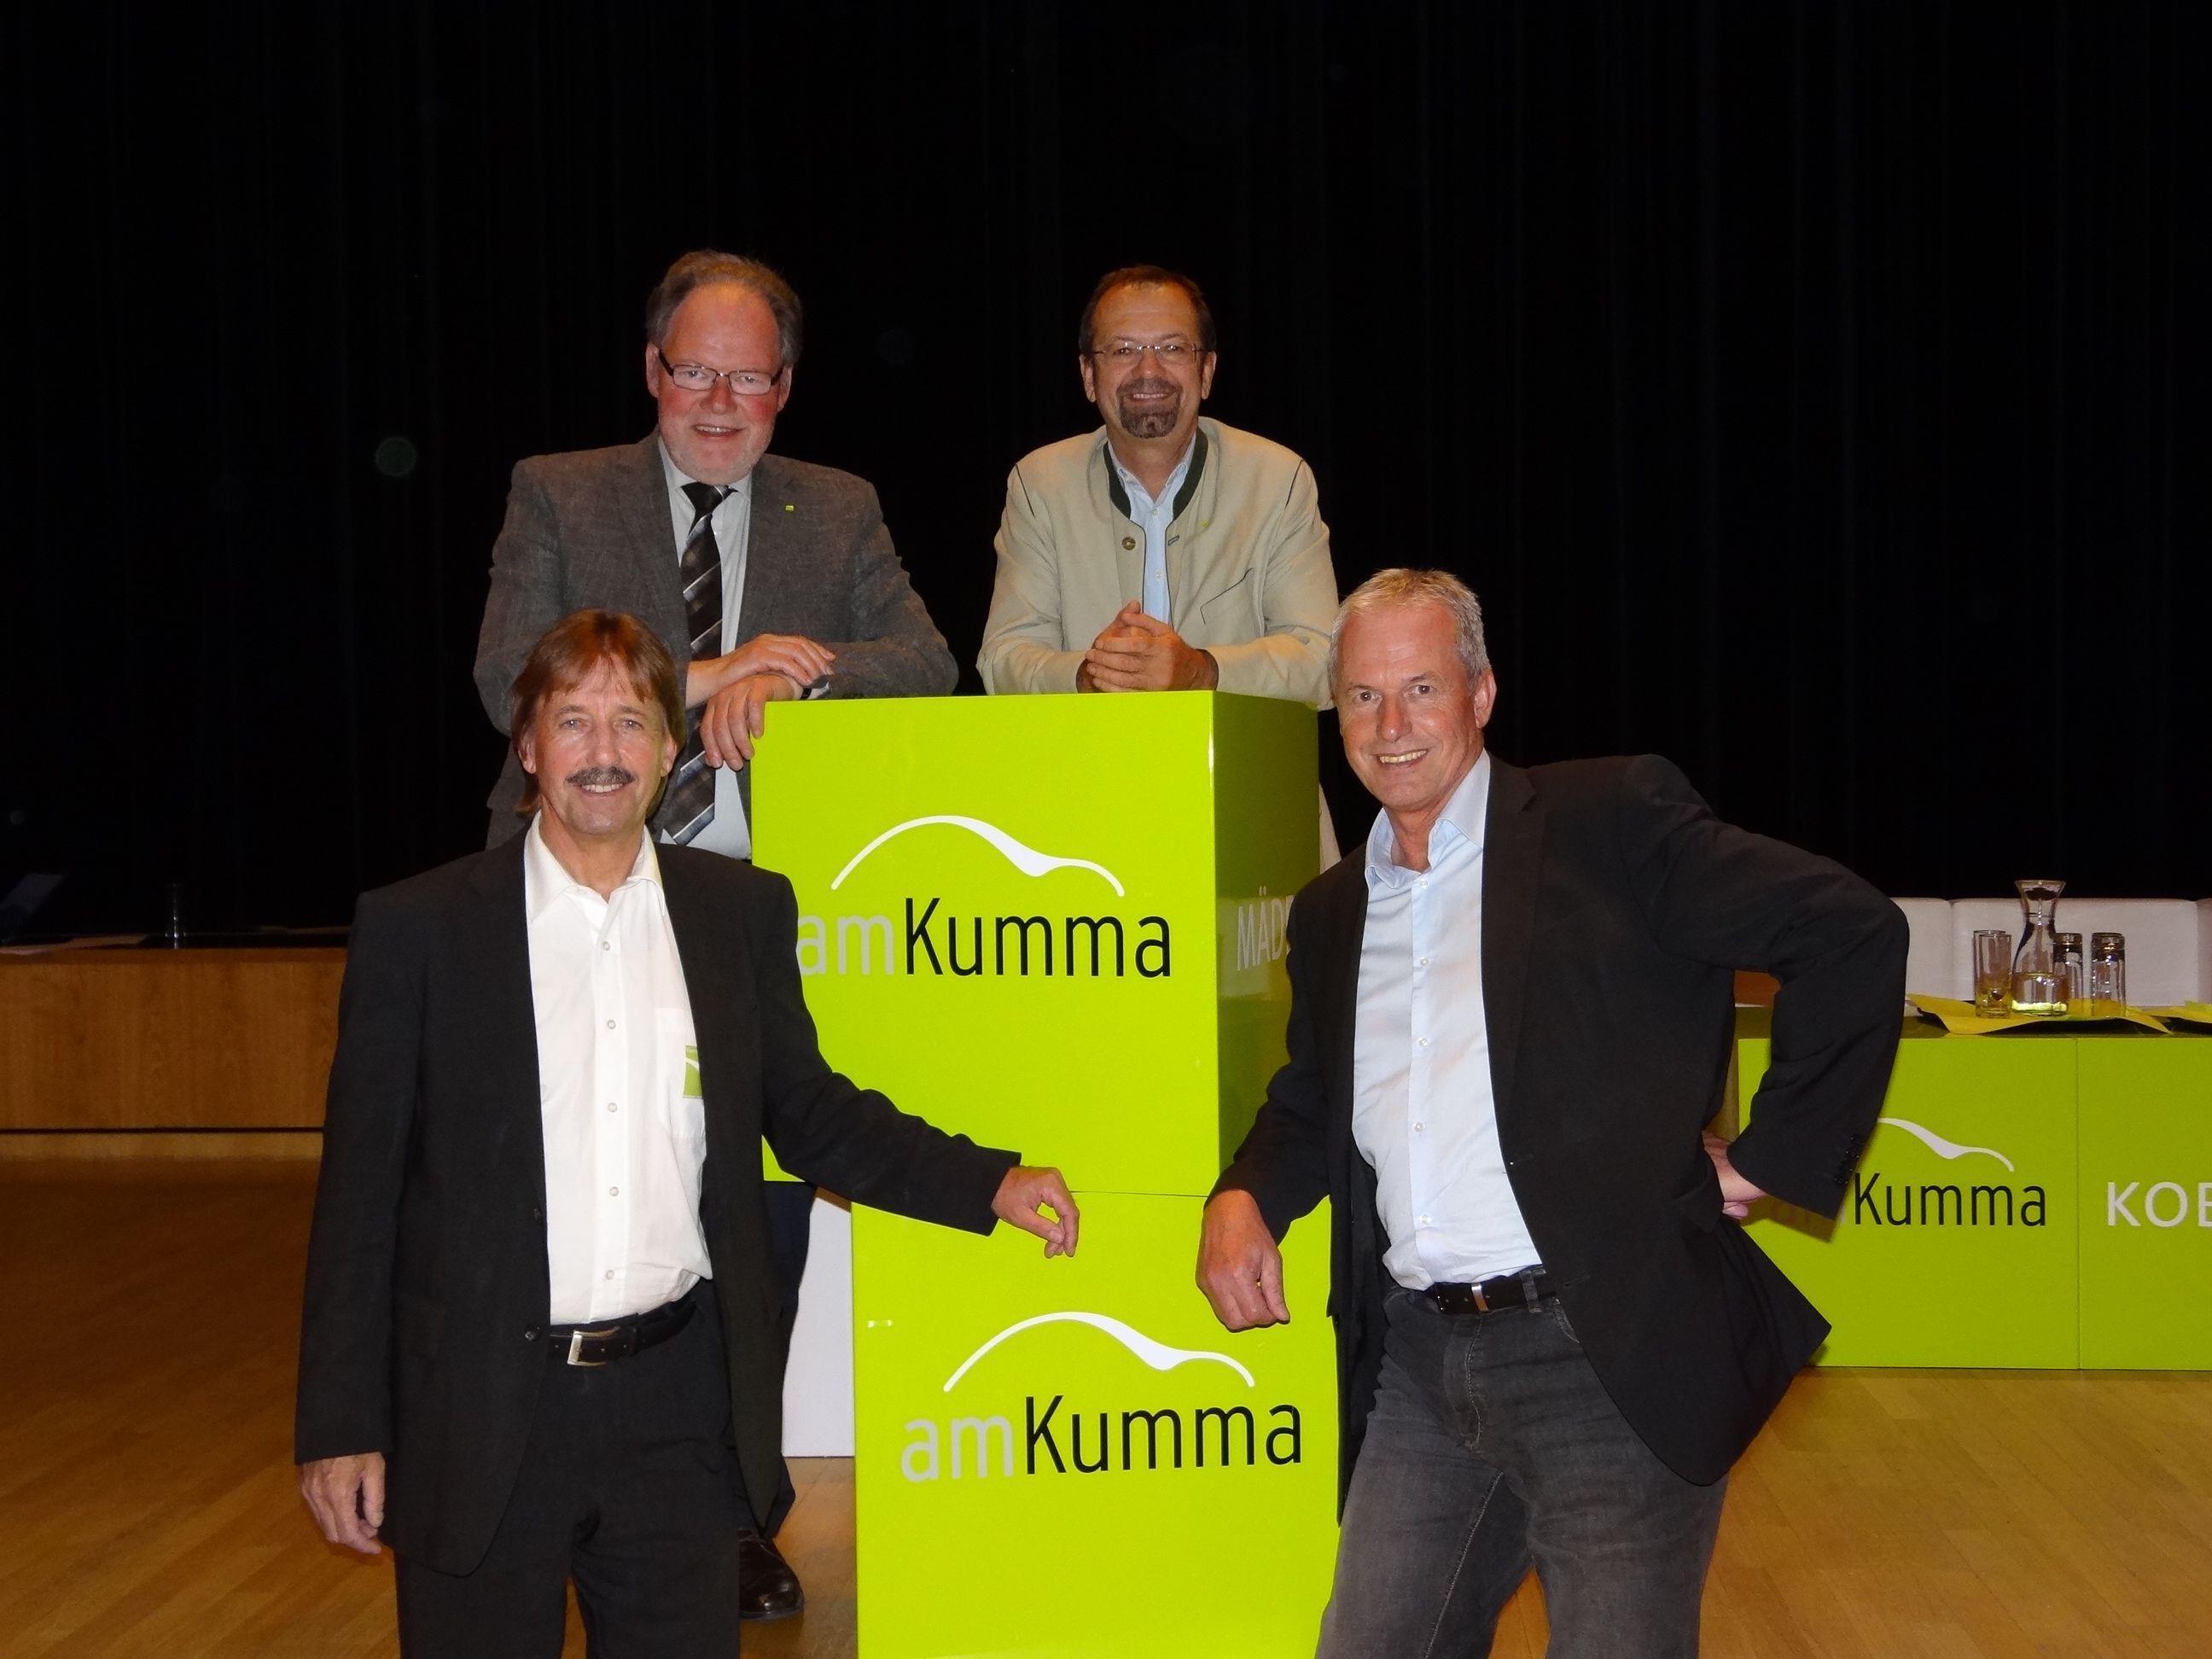 Die Vielfalt der Unternehmen und die Dynamik der Wirtschaftsregion war Thema der ersten Wirtschaftsrunde amKumma